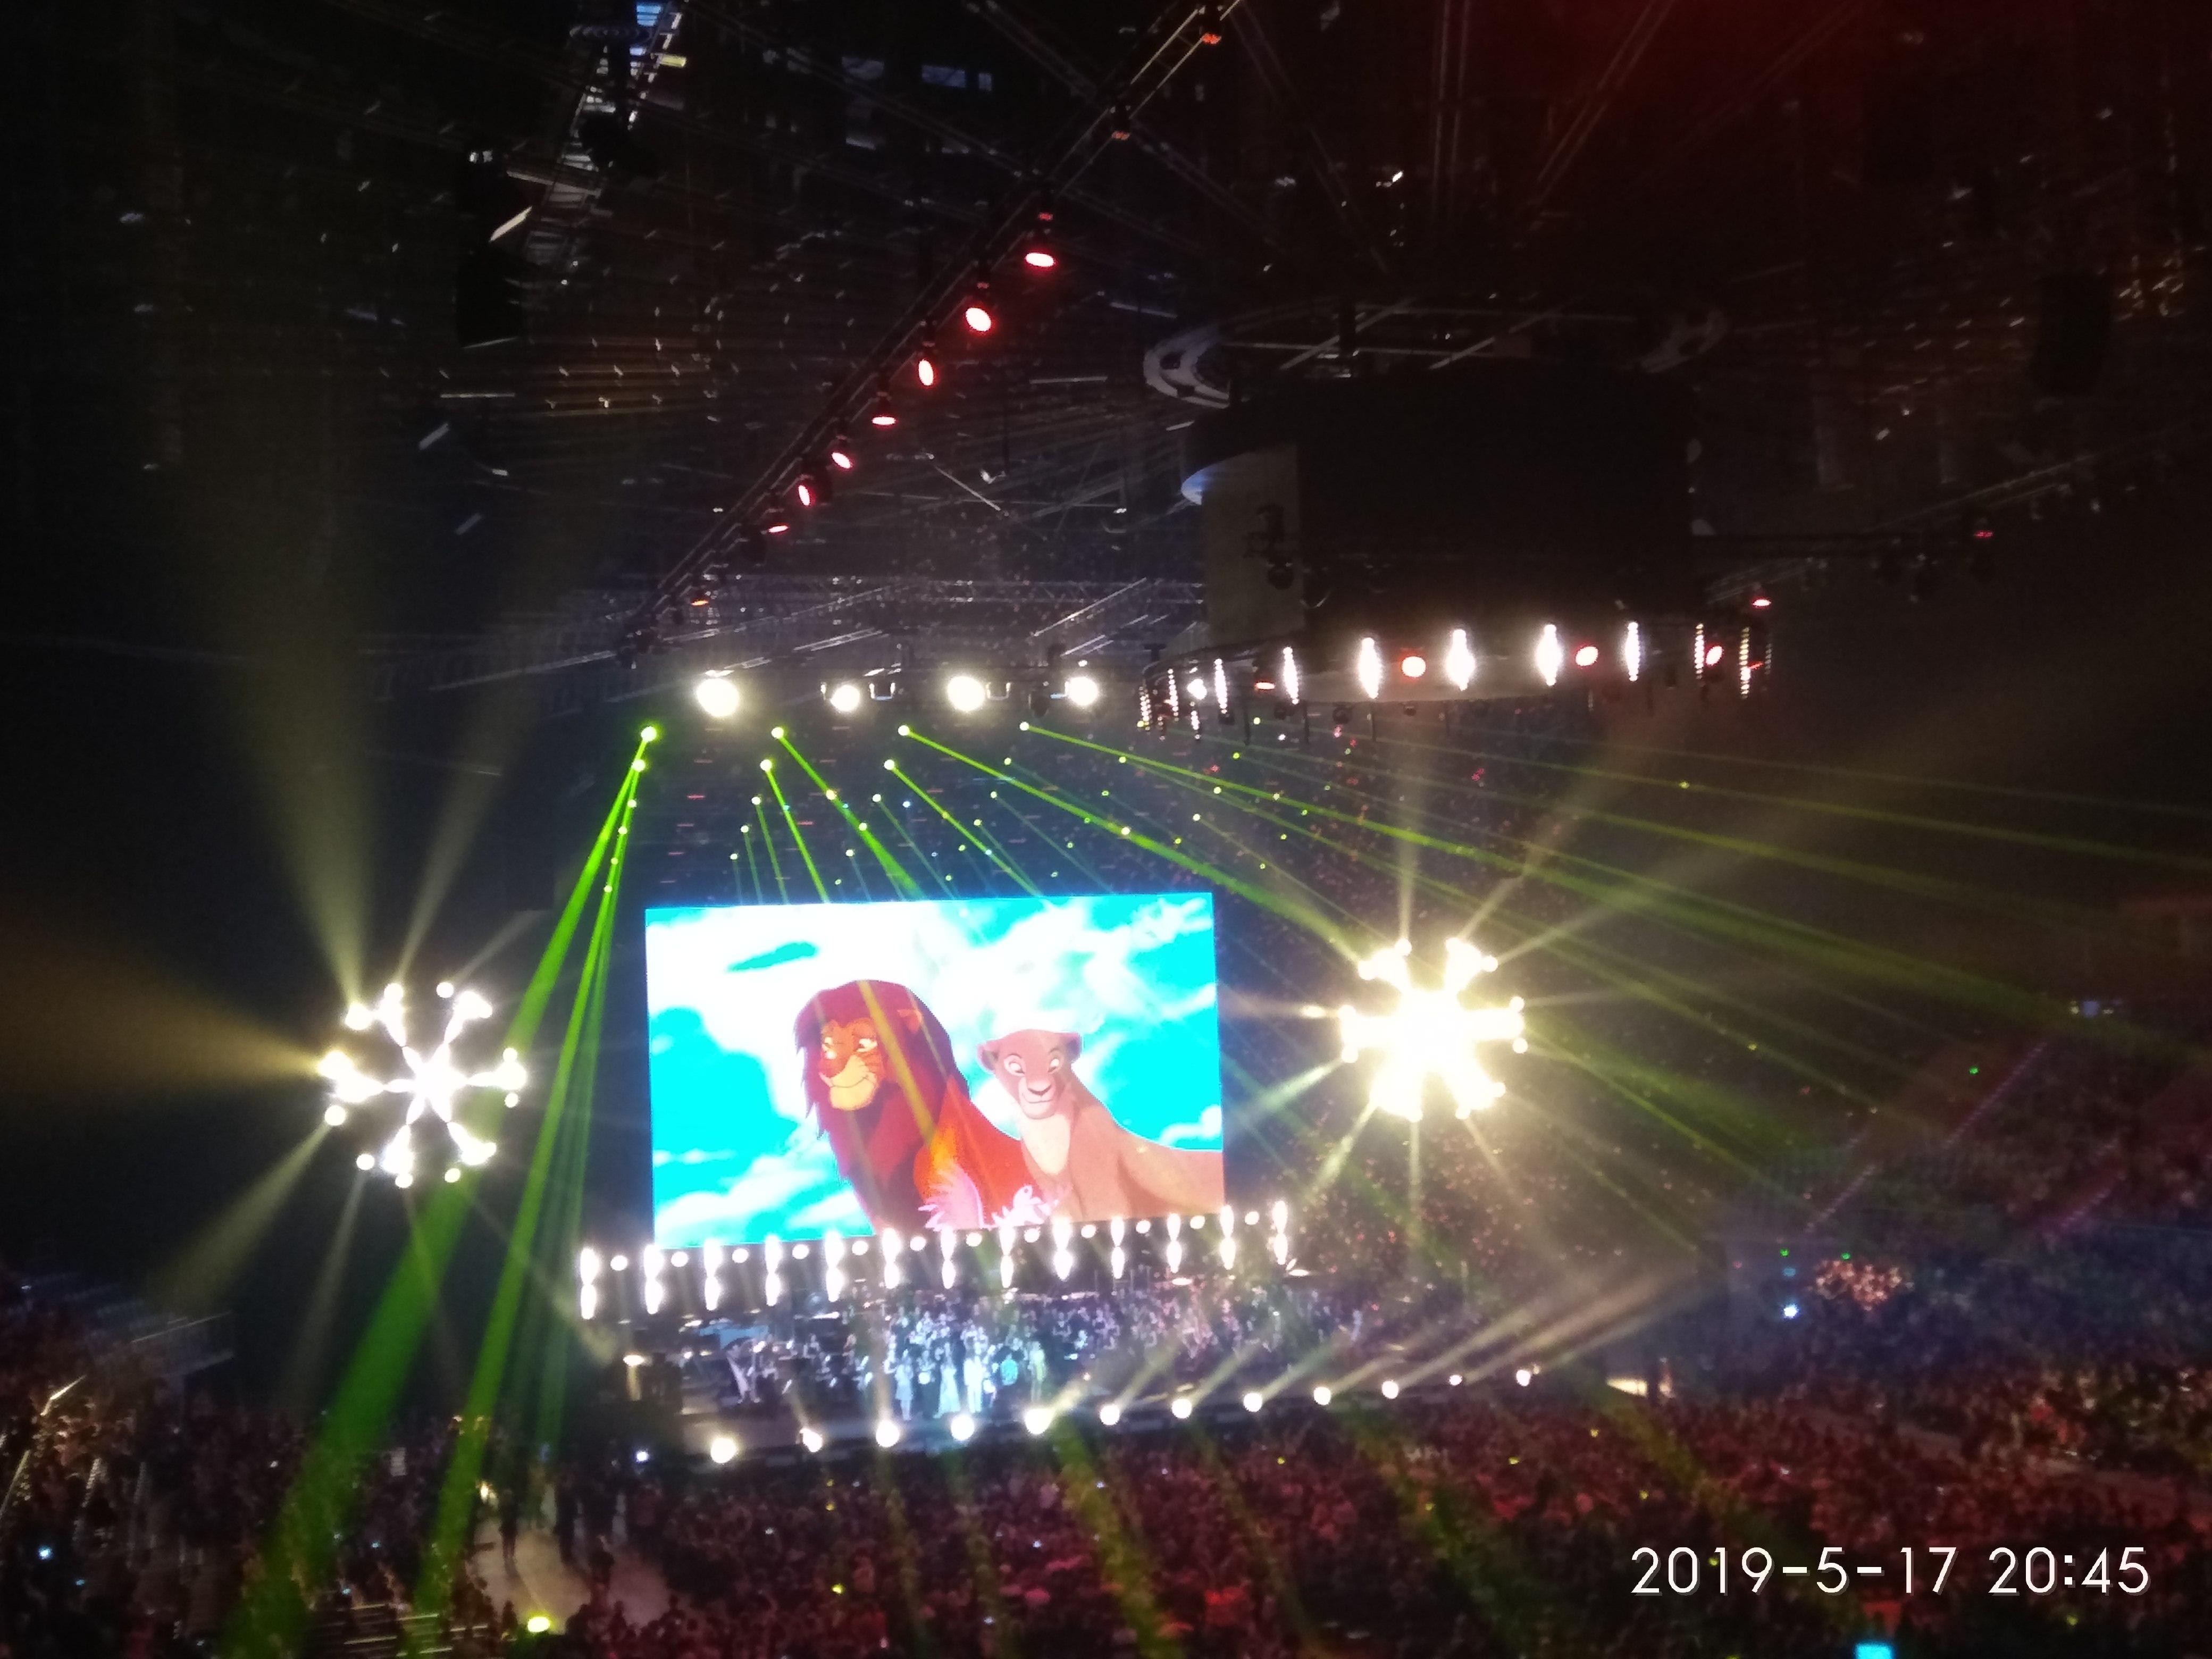 17.05.2019r Seniorzy CAS Geriatrics uczestniczą w Tauron Arenie w Krakowie w koncercie Disneya: Magia muzyki